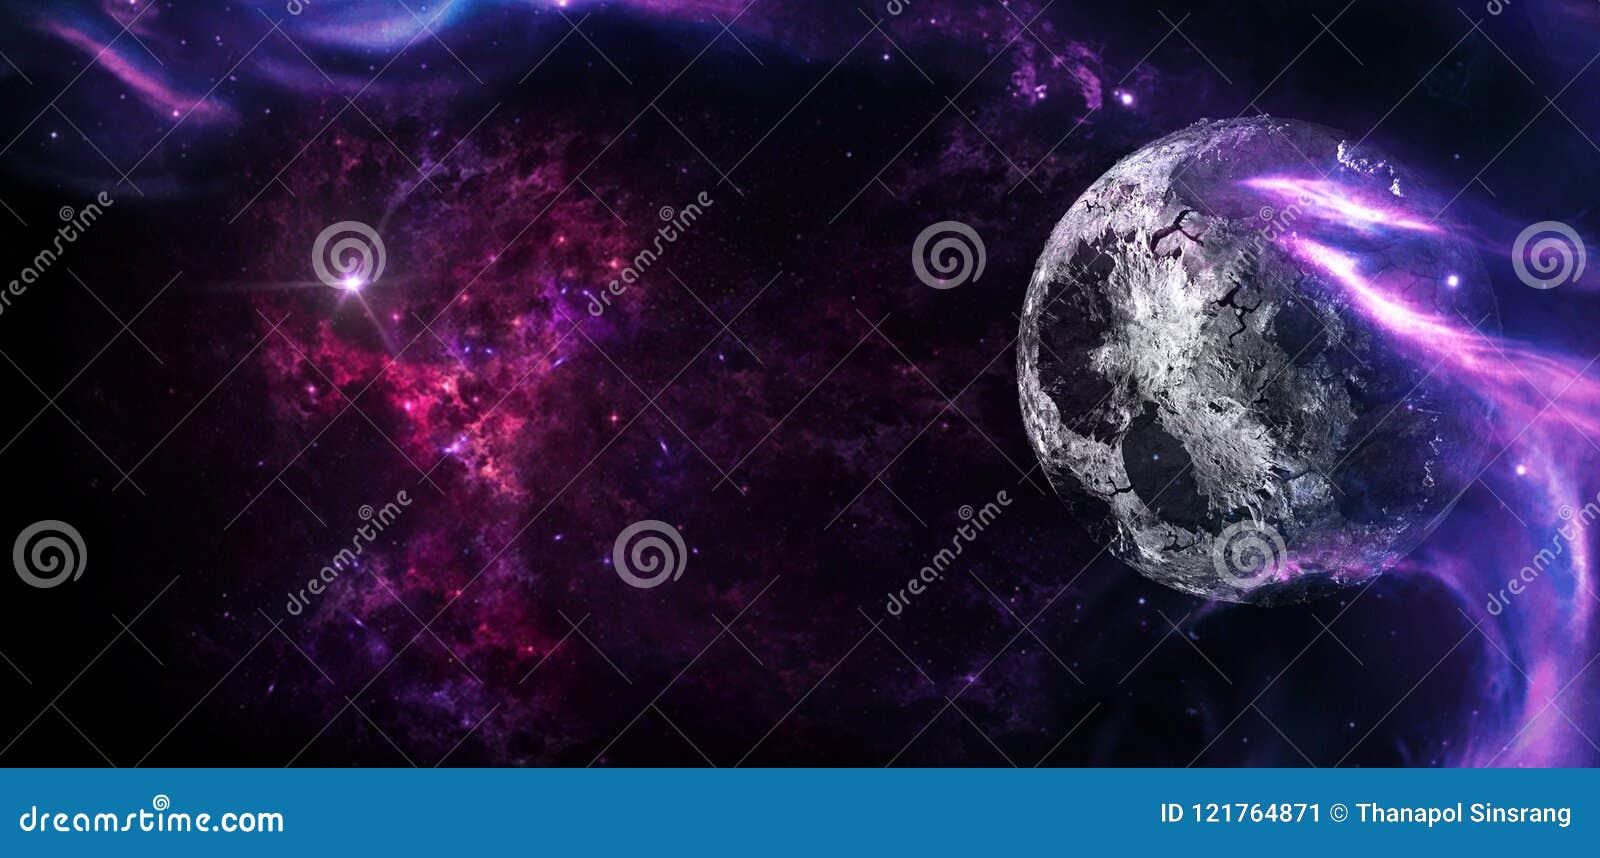 universe-красота скачать бесплатно